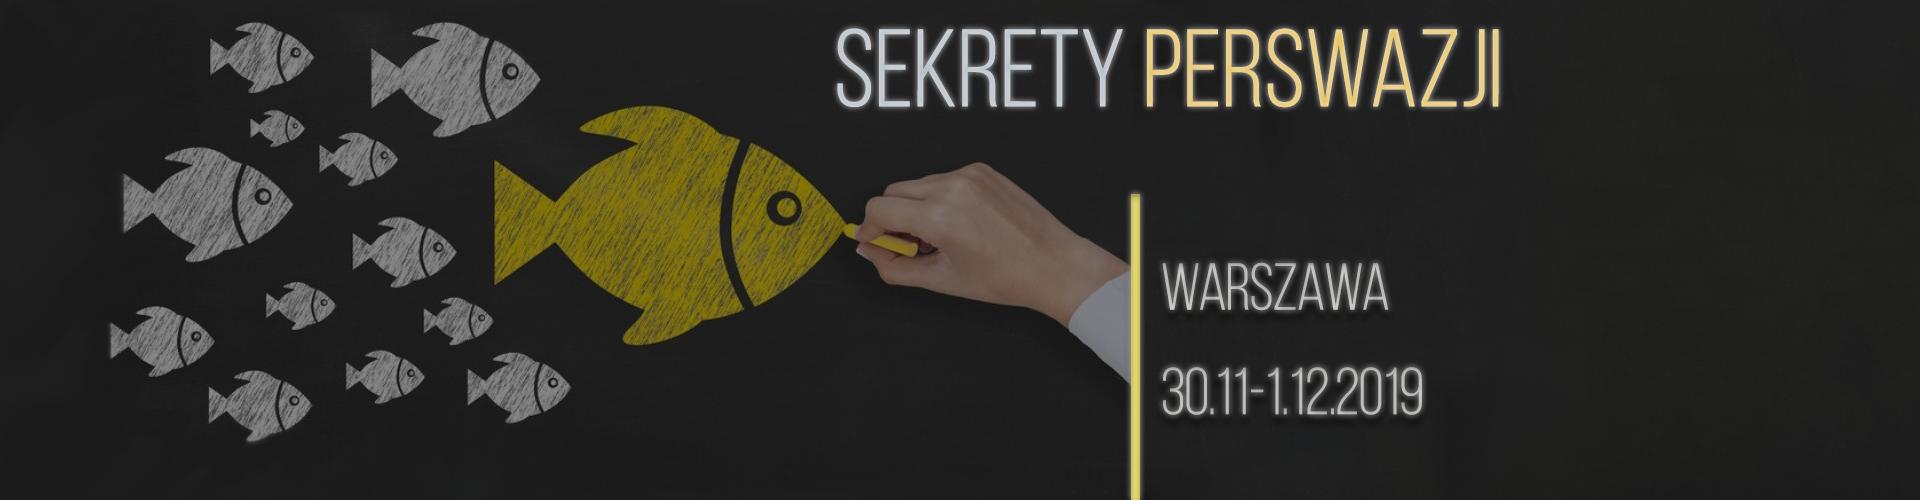 SEKRETY-PERSWAZJI